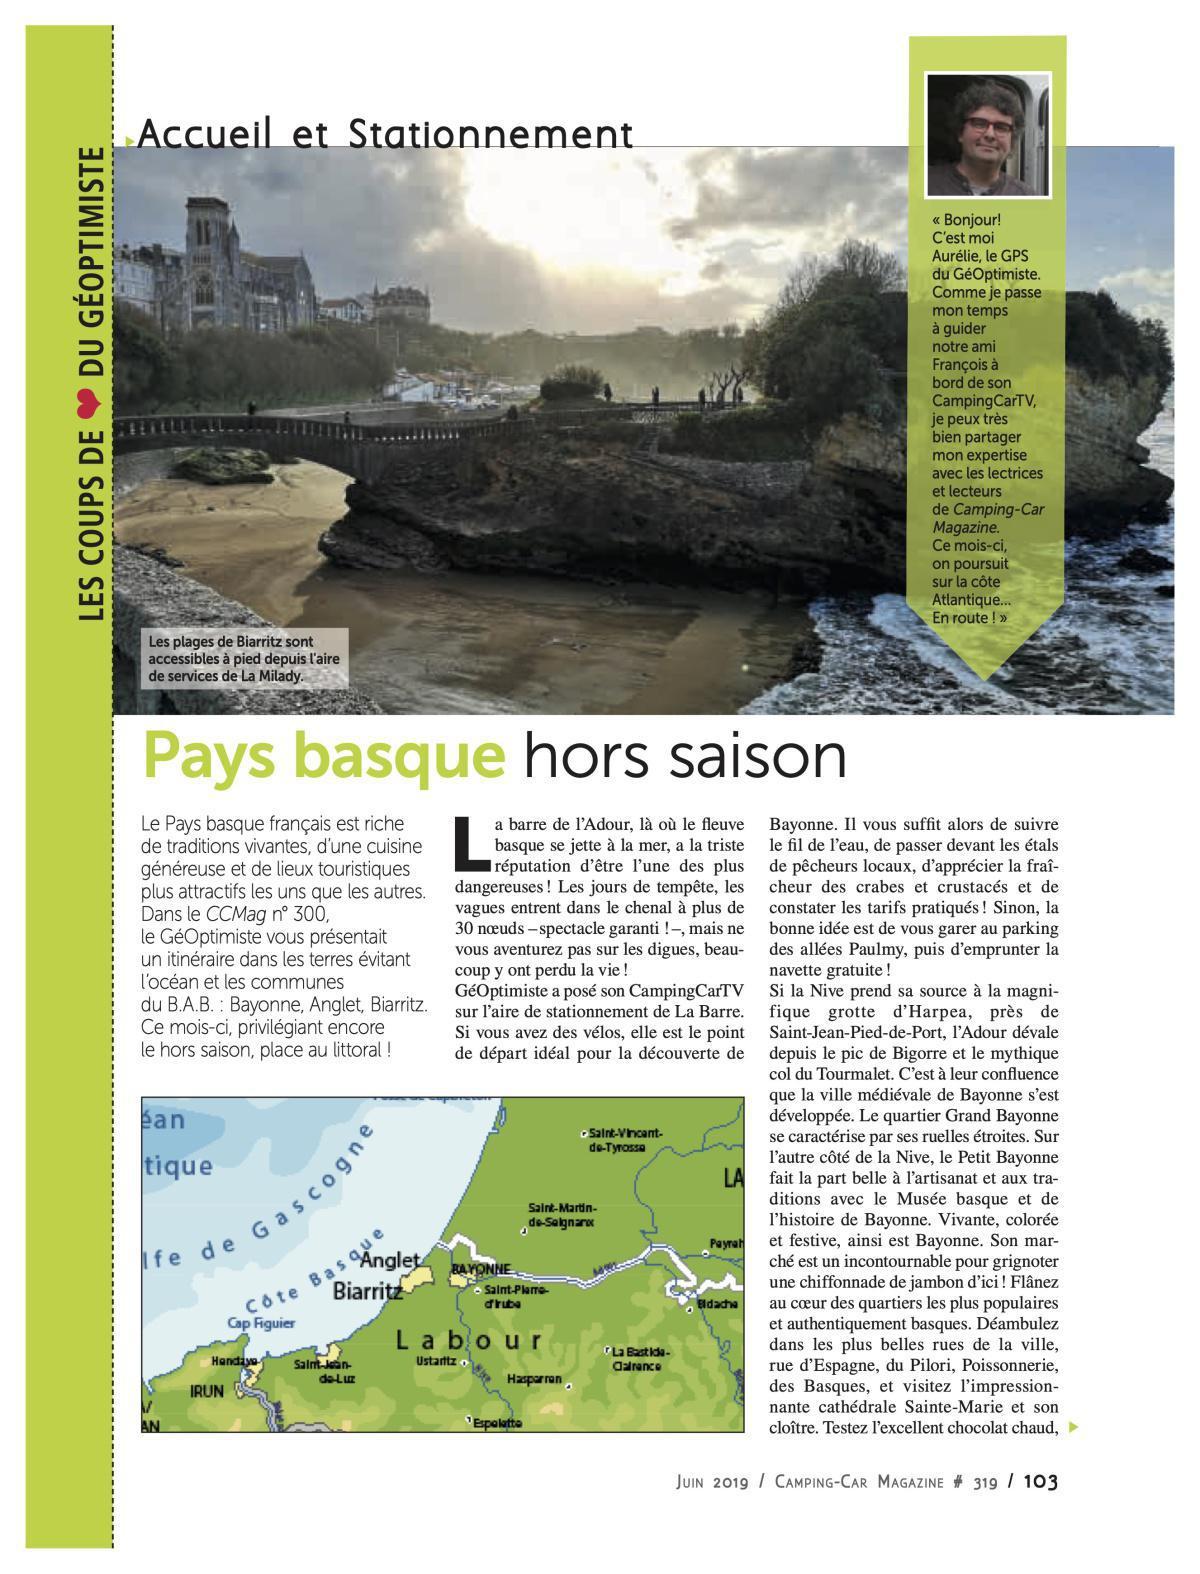 Pays Basque hors saison - CCM 319